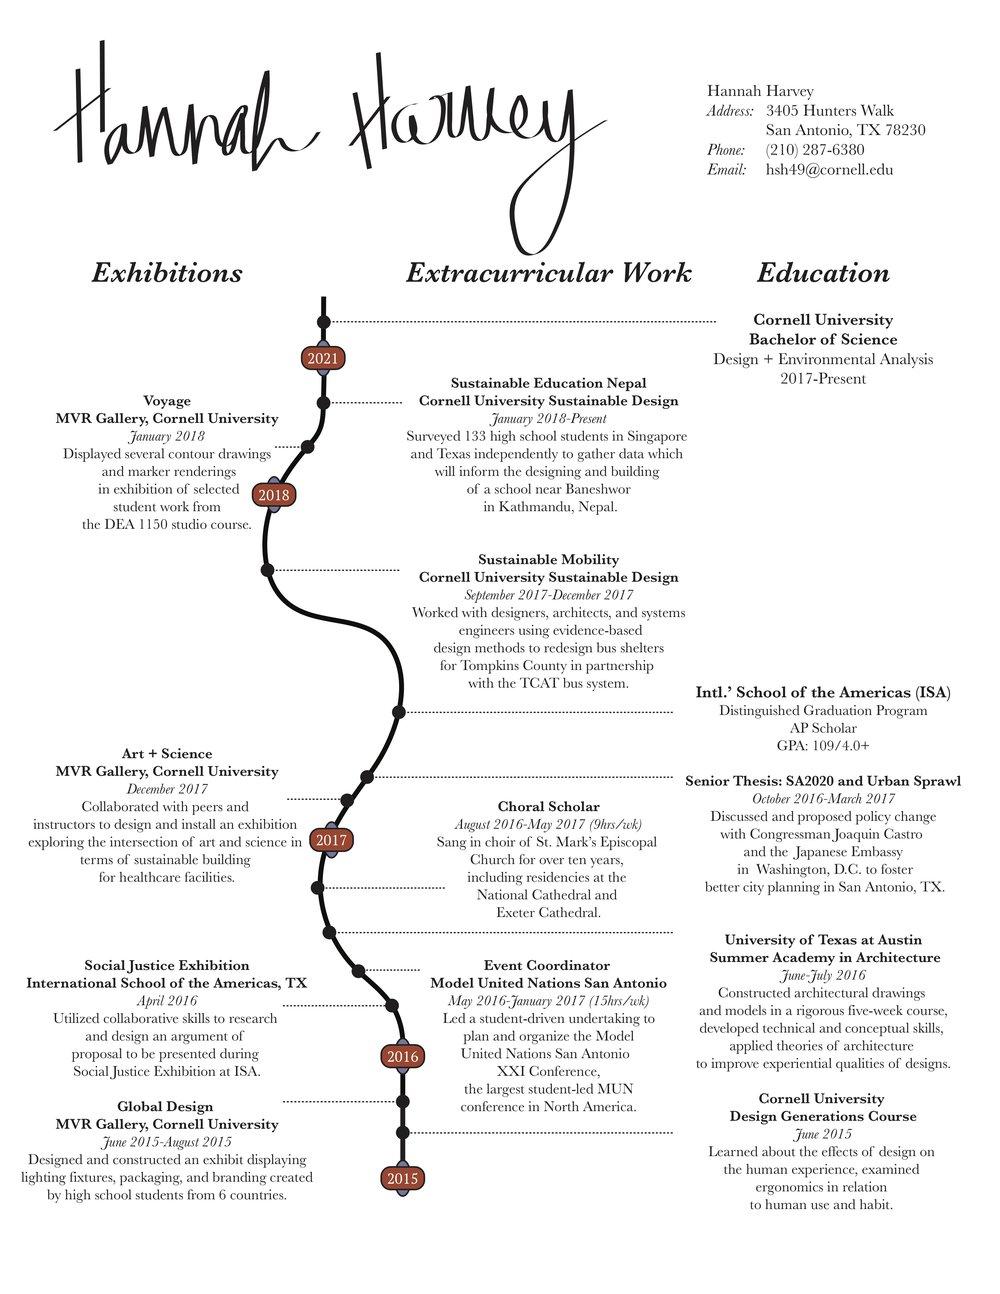 Resume — Hannah Harvey